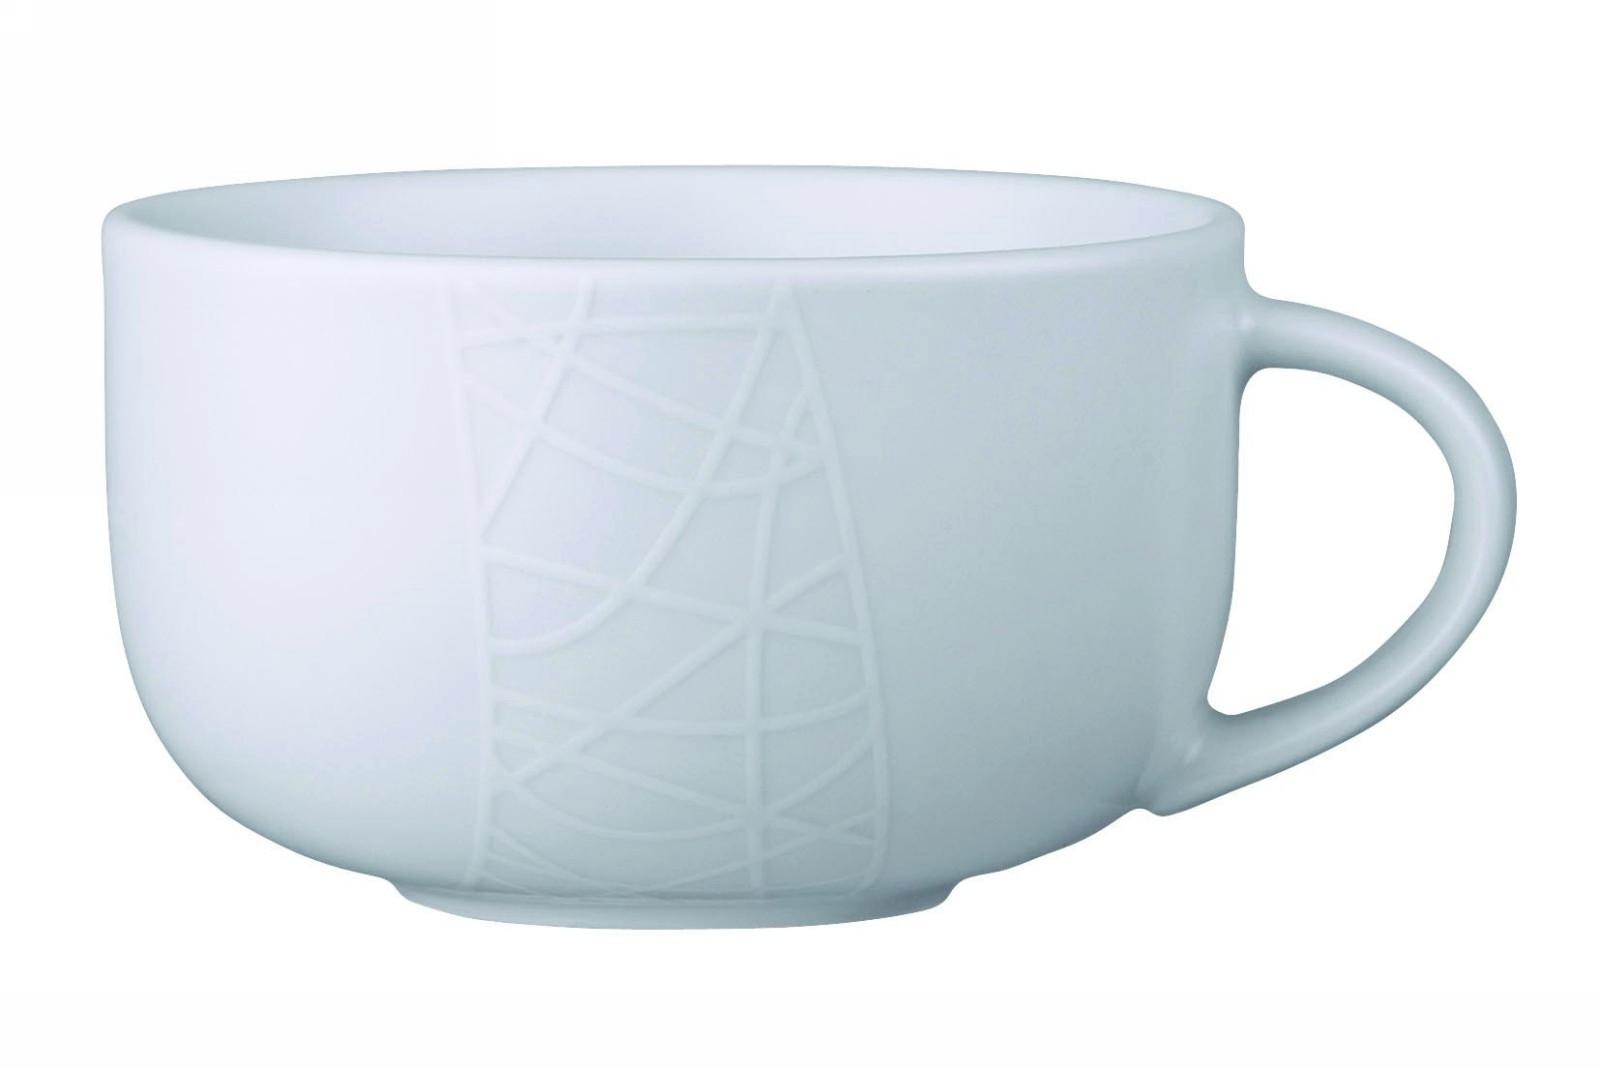 Чайная чашка Churchill 300 мл Белое на белом от Джейми Оливер